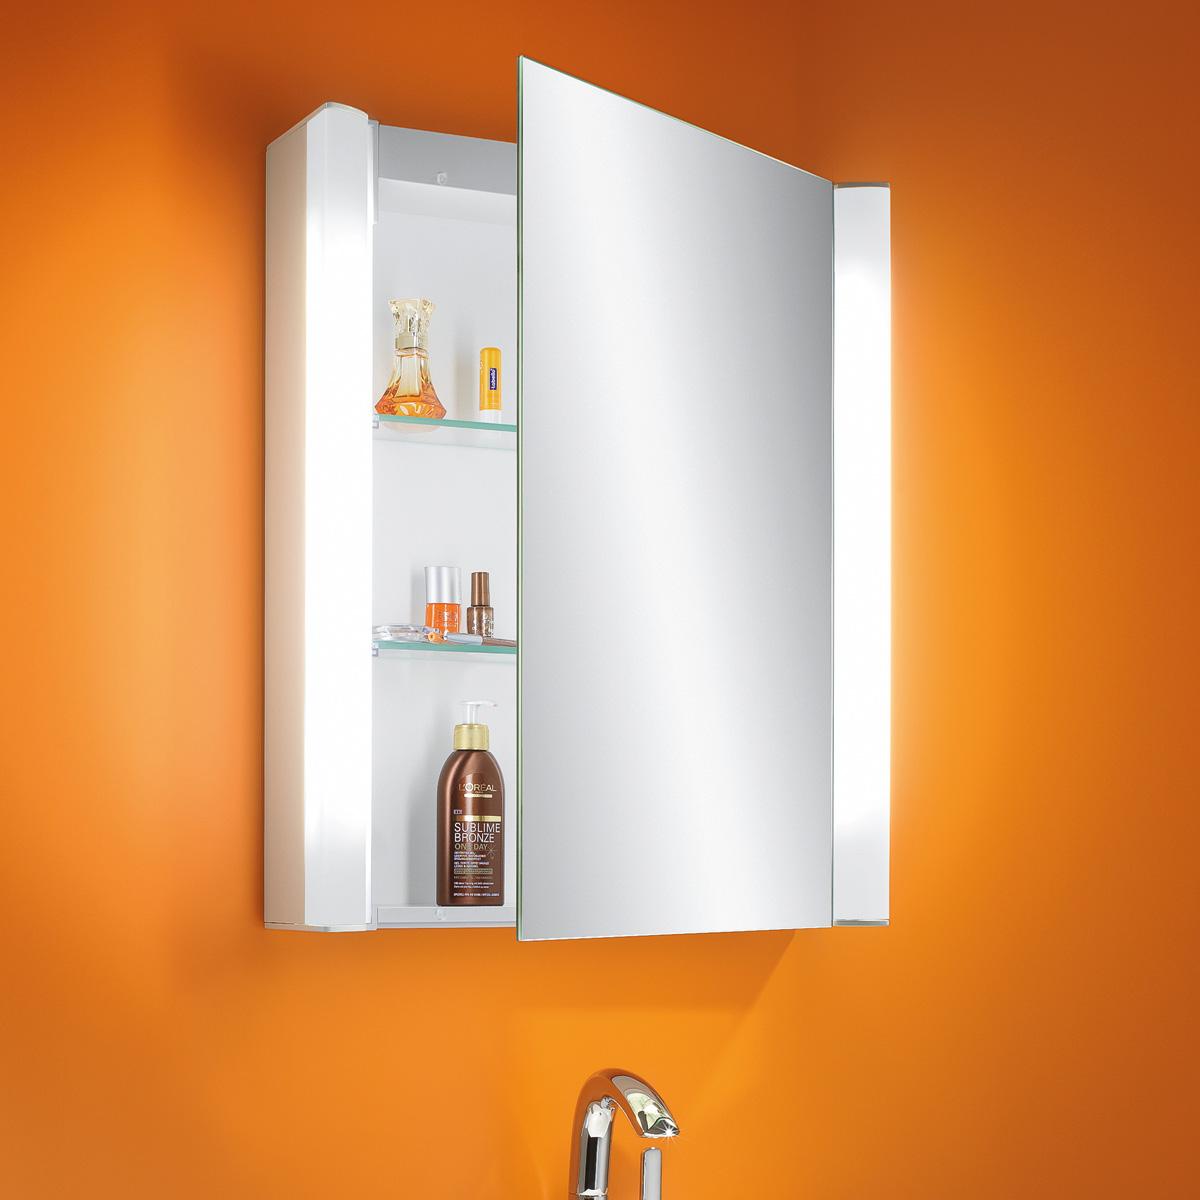 Schneider MOANALINE Spiegelschrank B: 55 H: 64 T: 14 cm, 1 Tür